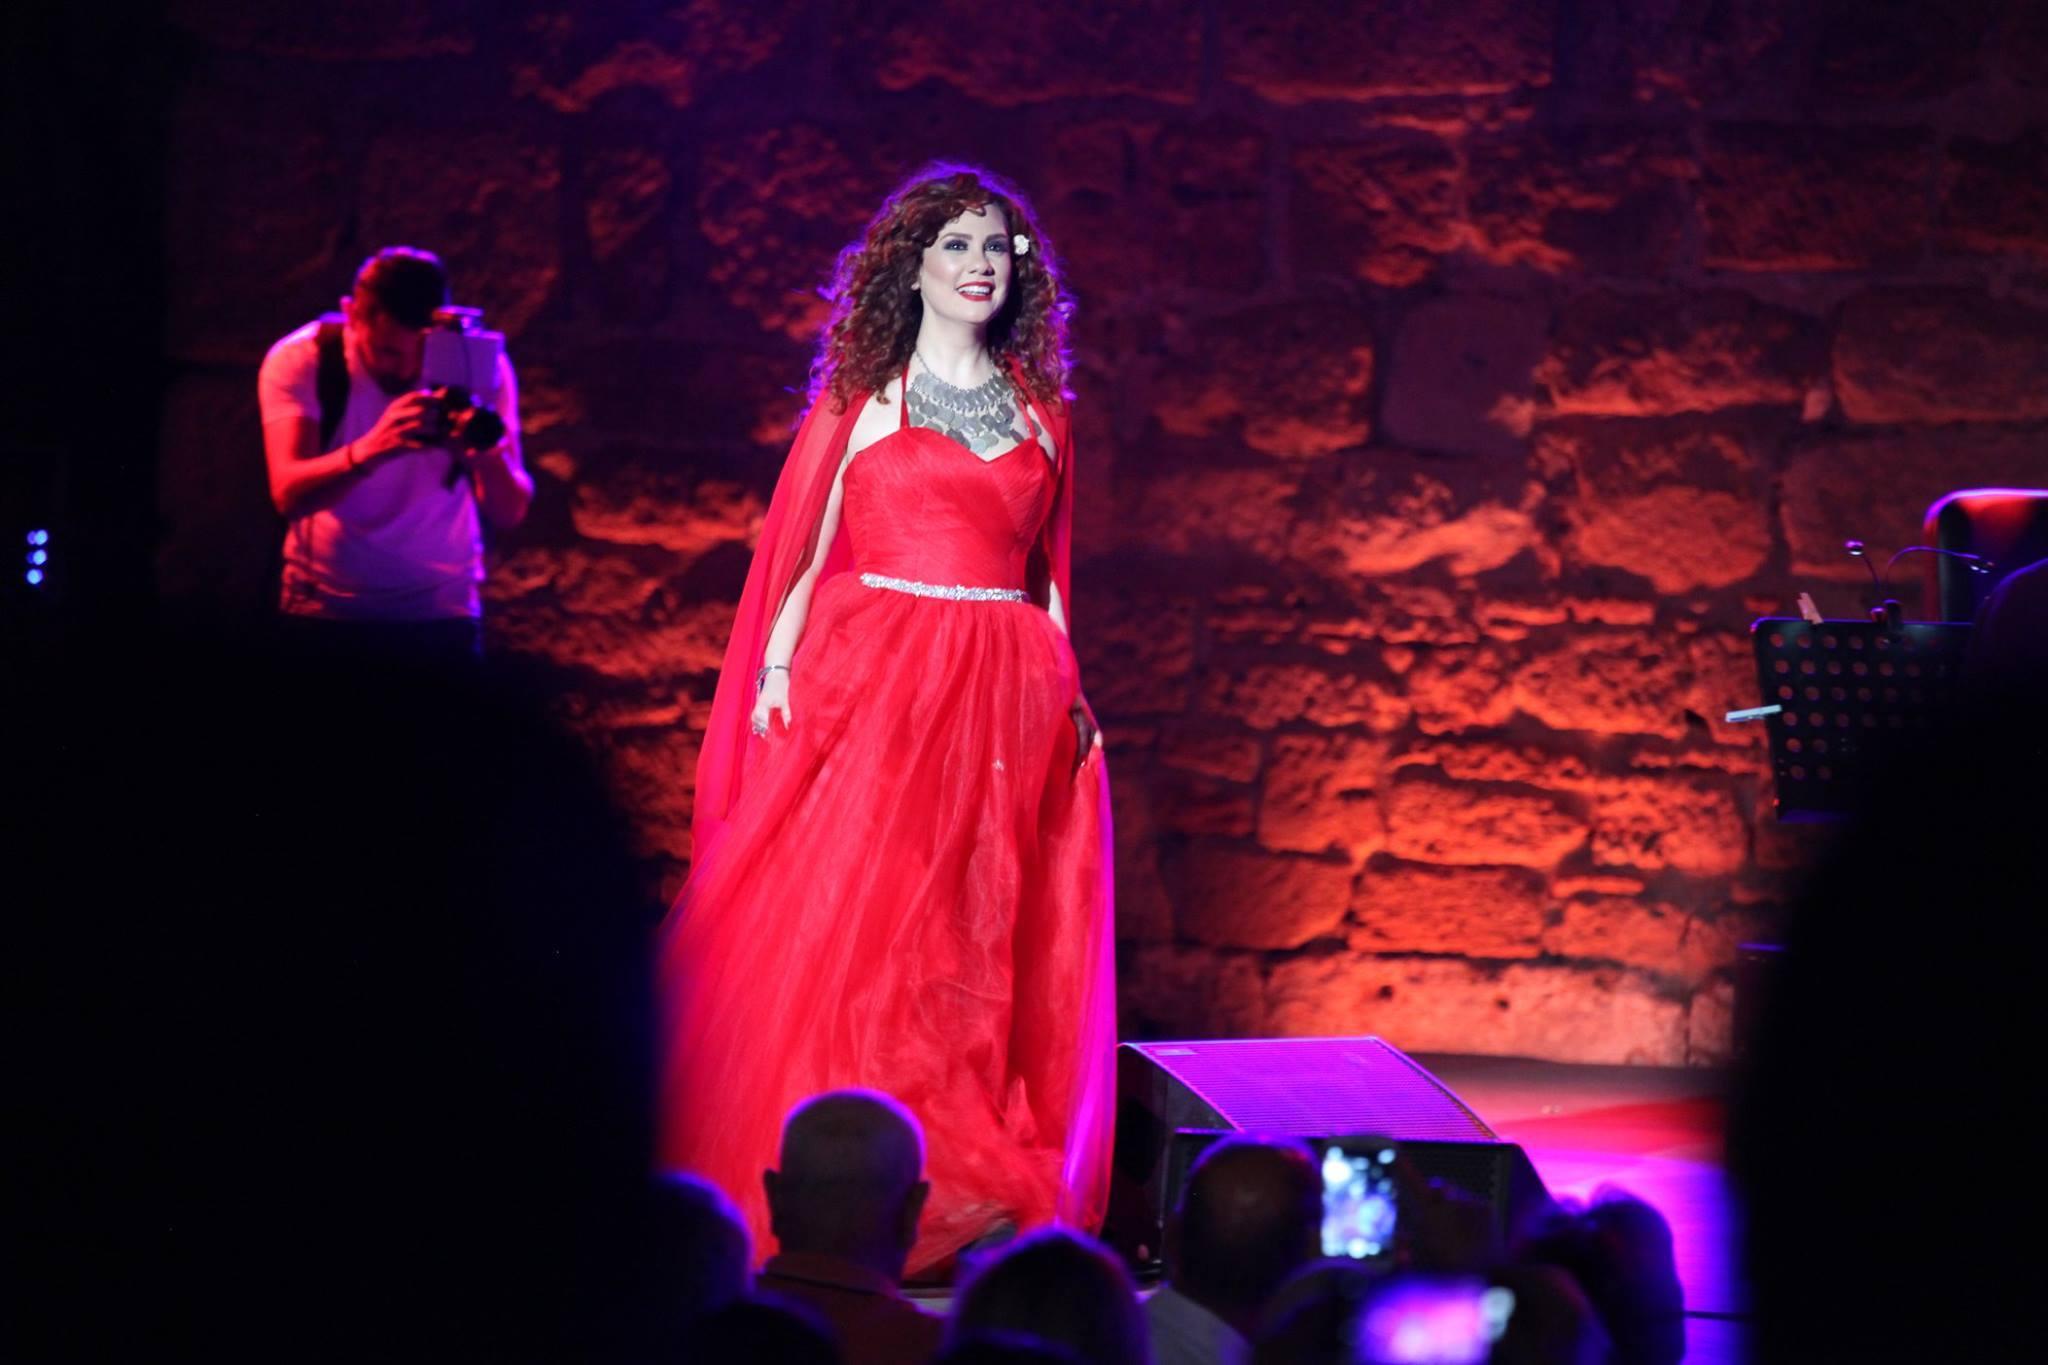 لينا شماميان : ادارة مهرجان قرطاج لم ترتق الى مستوى ركحه العريق